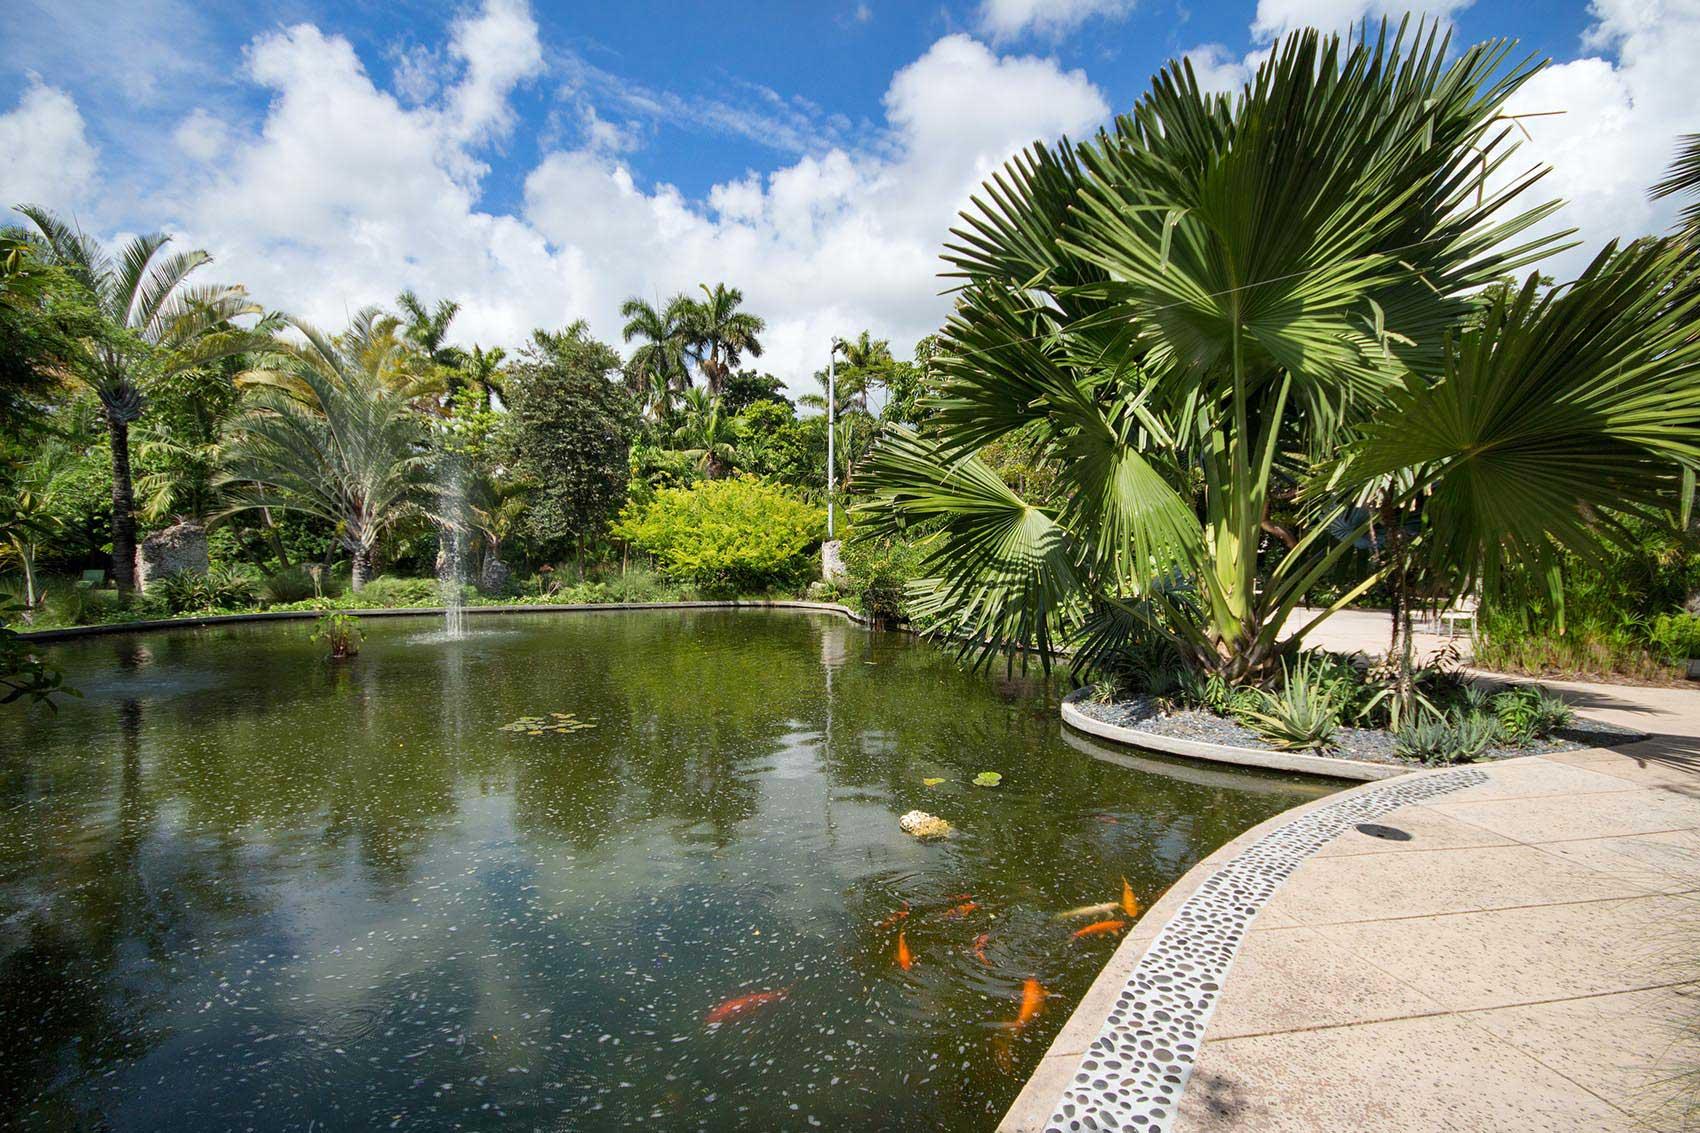 Citi Bike Miami >> miami-beach-botanical-garden-9 - ENJOY MIAMI BEACH